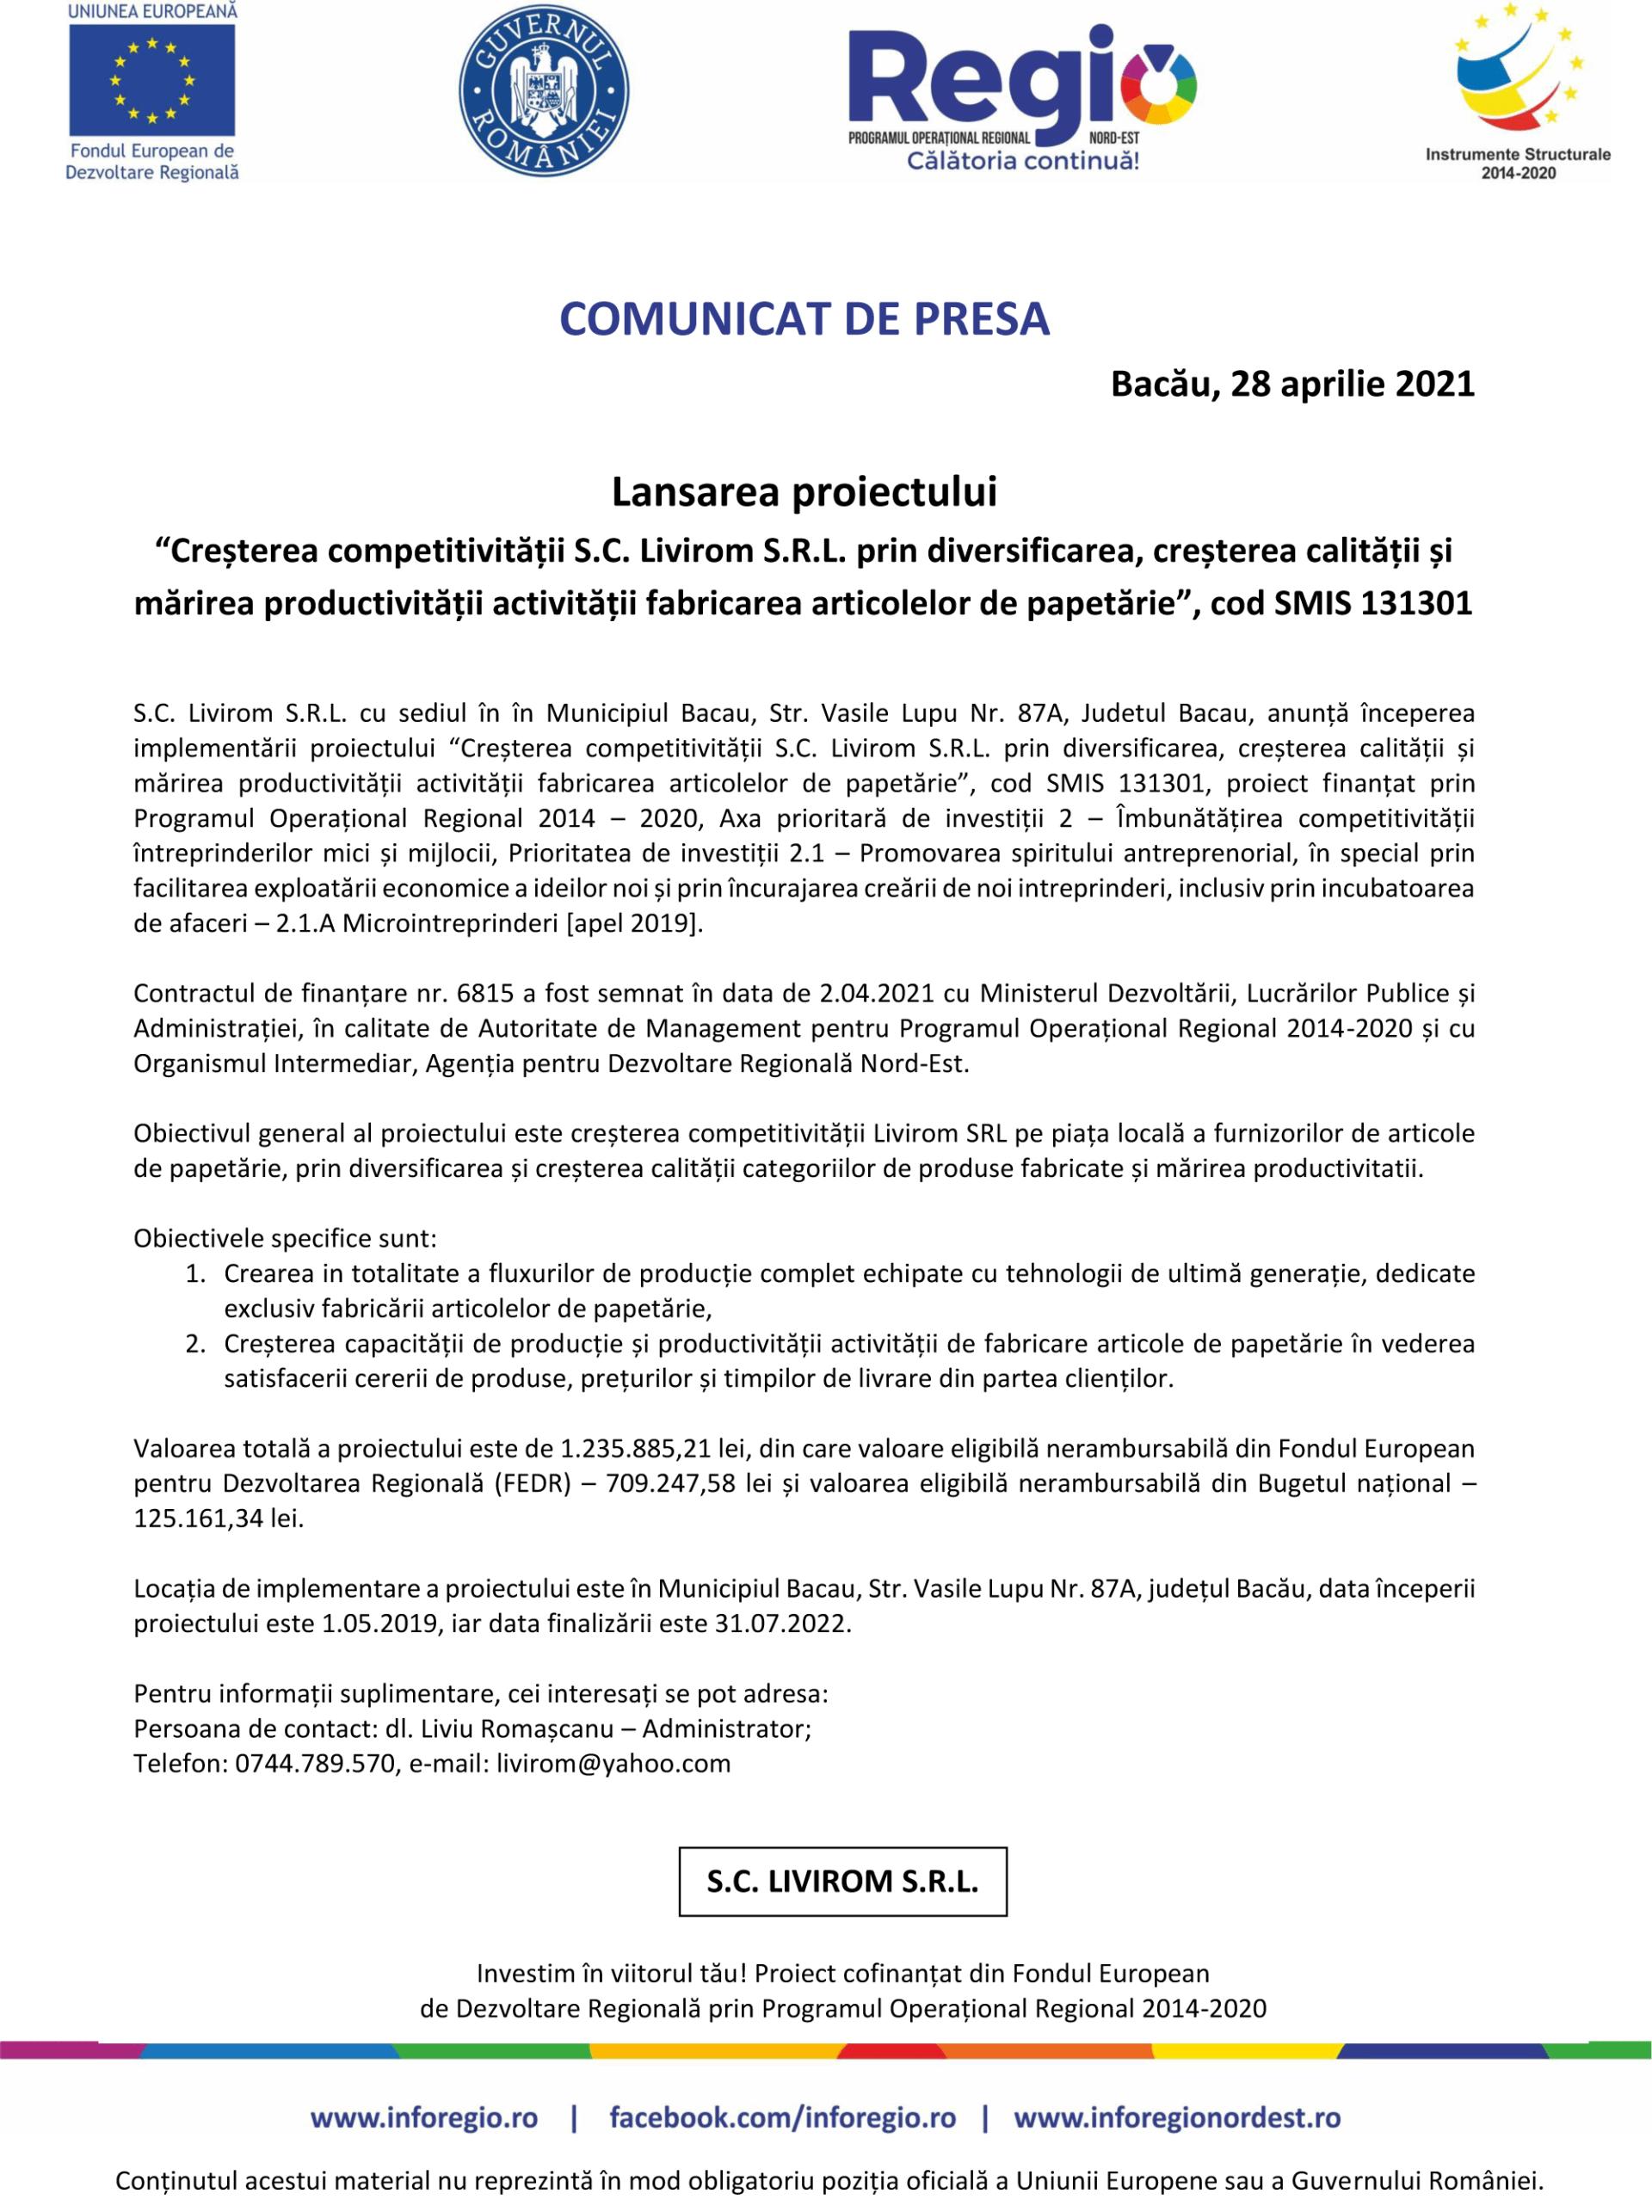 Comunicat-de-presa-Livirom-SRL_131301_Lansare-proiect